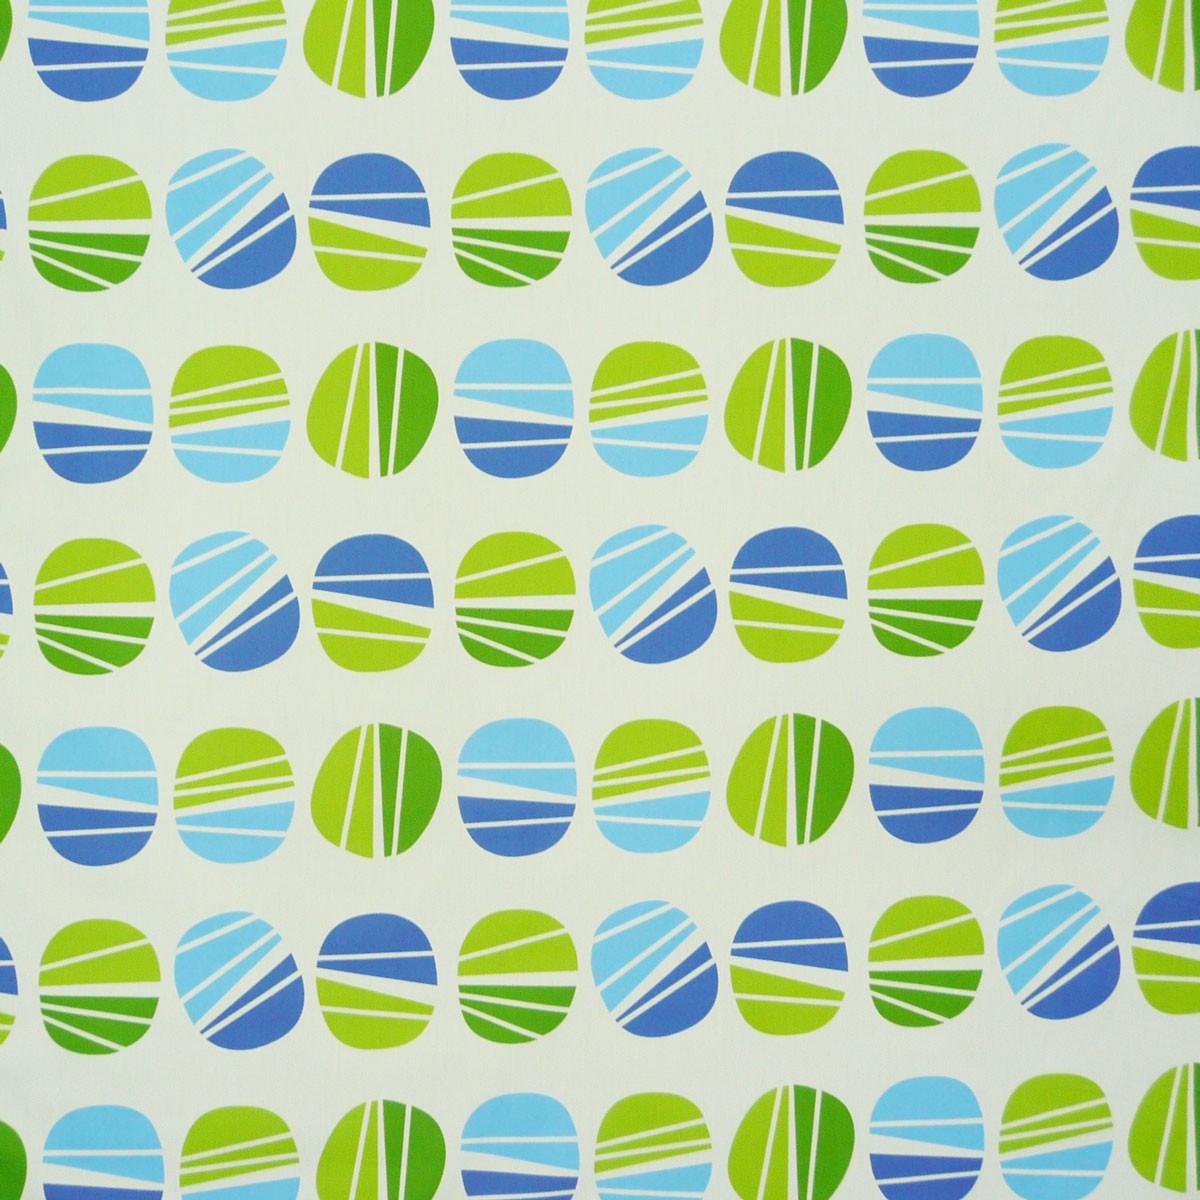 stoff dekostoff gardinenstoff meterware kreise blau gr n ebay. Black Bedroom Furniture Sets. Home Design Ideas